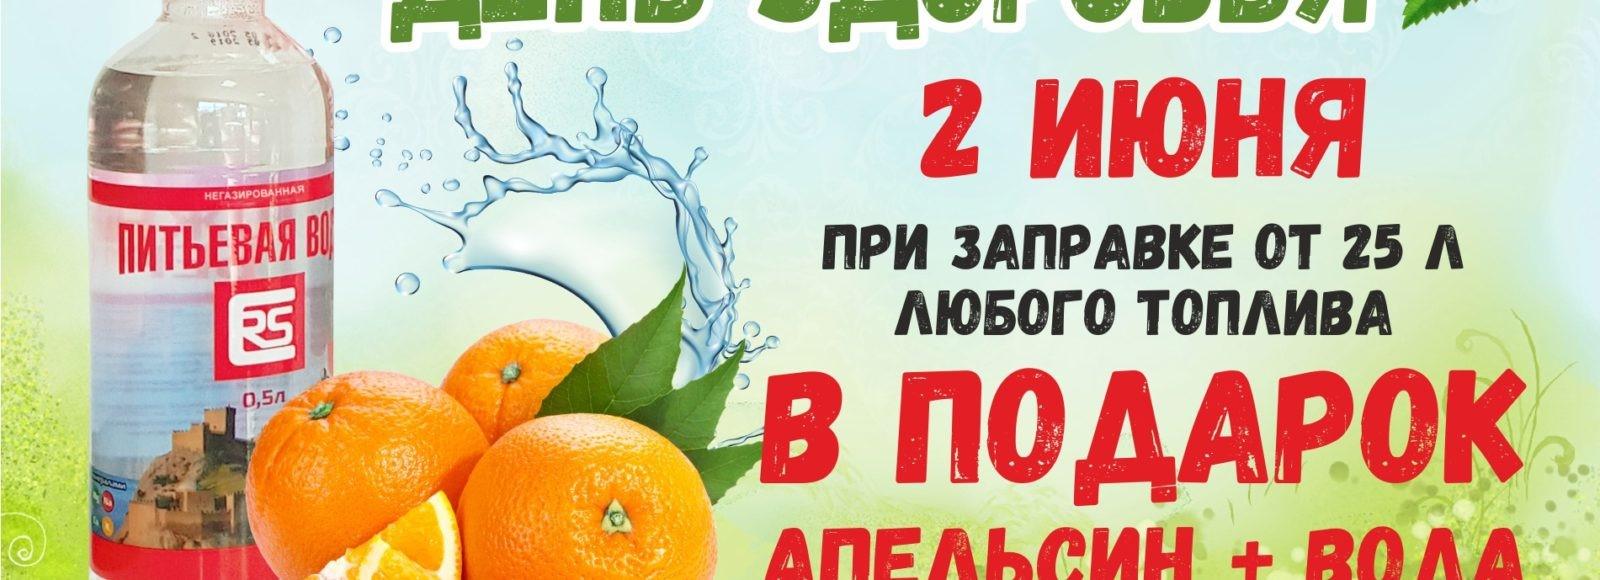 Акция на сети АЗС CRS в Крыму «Будьте здоровы»